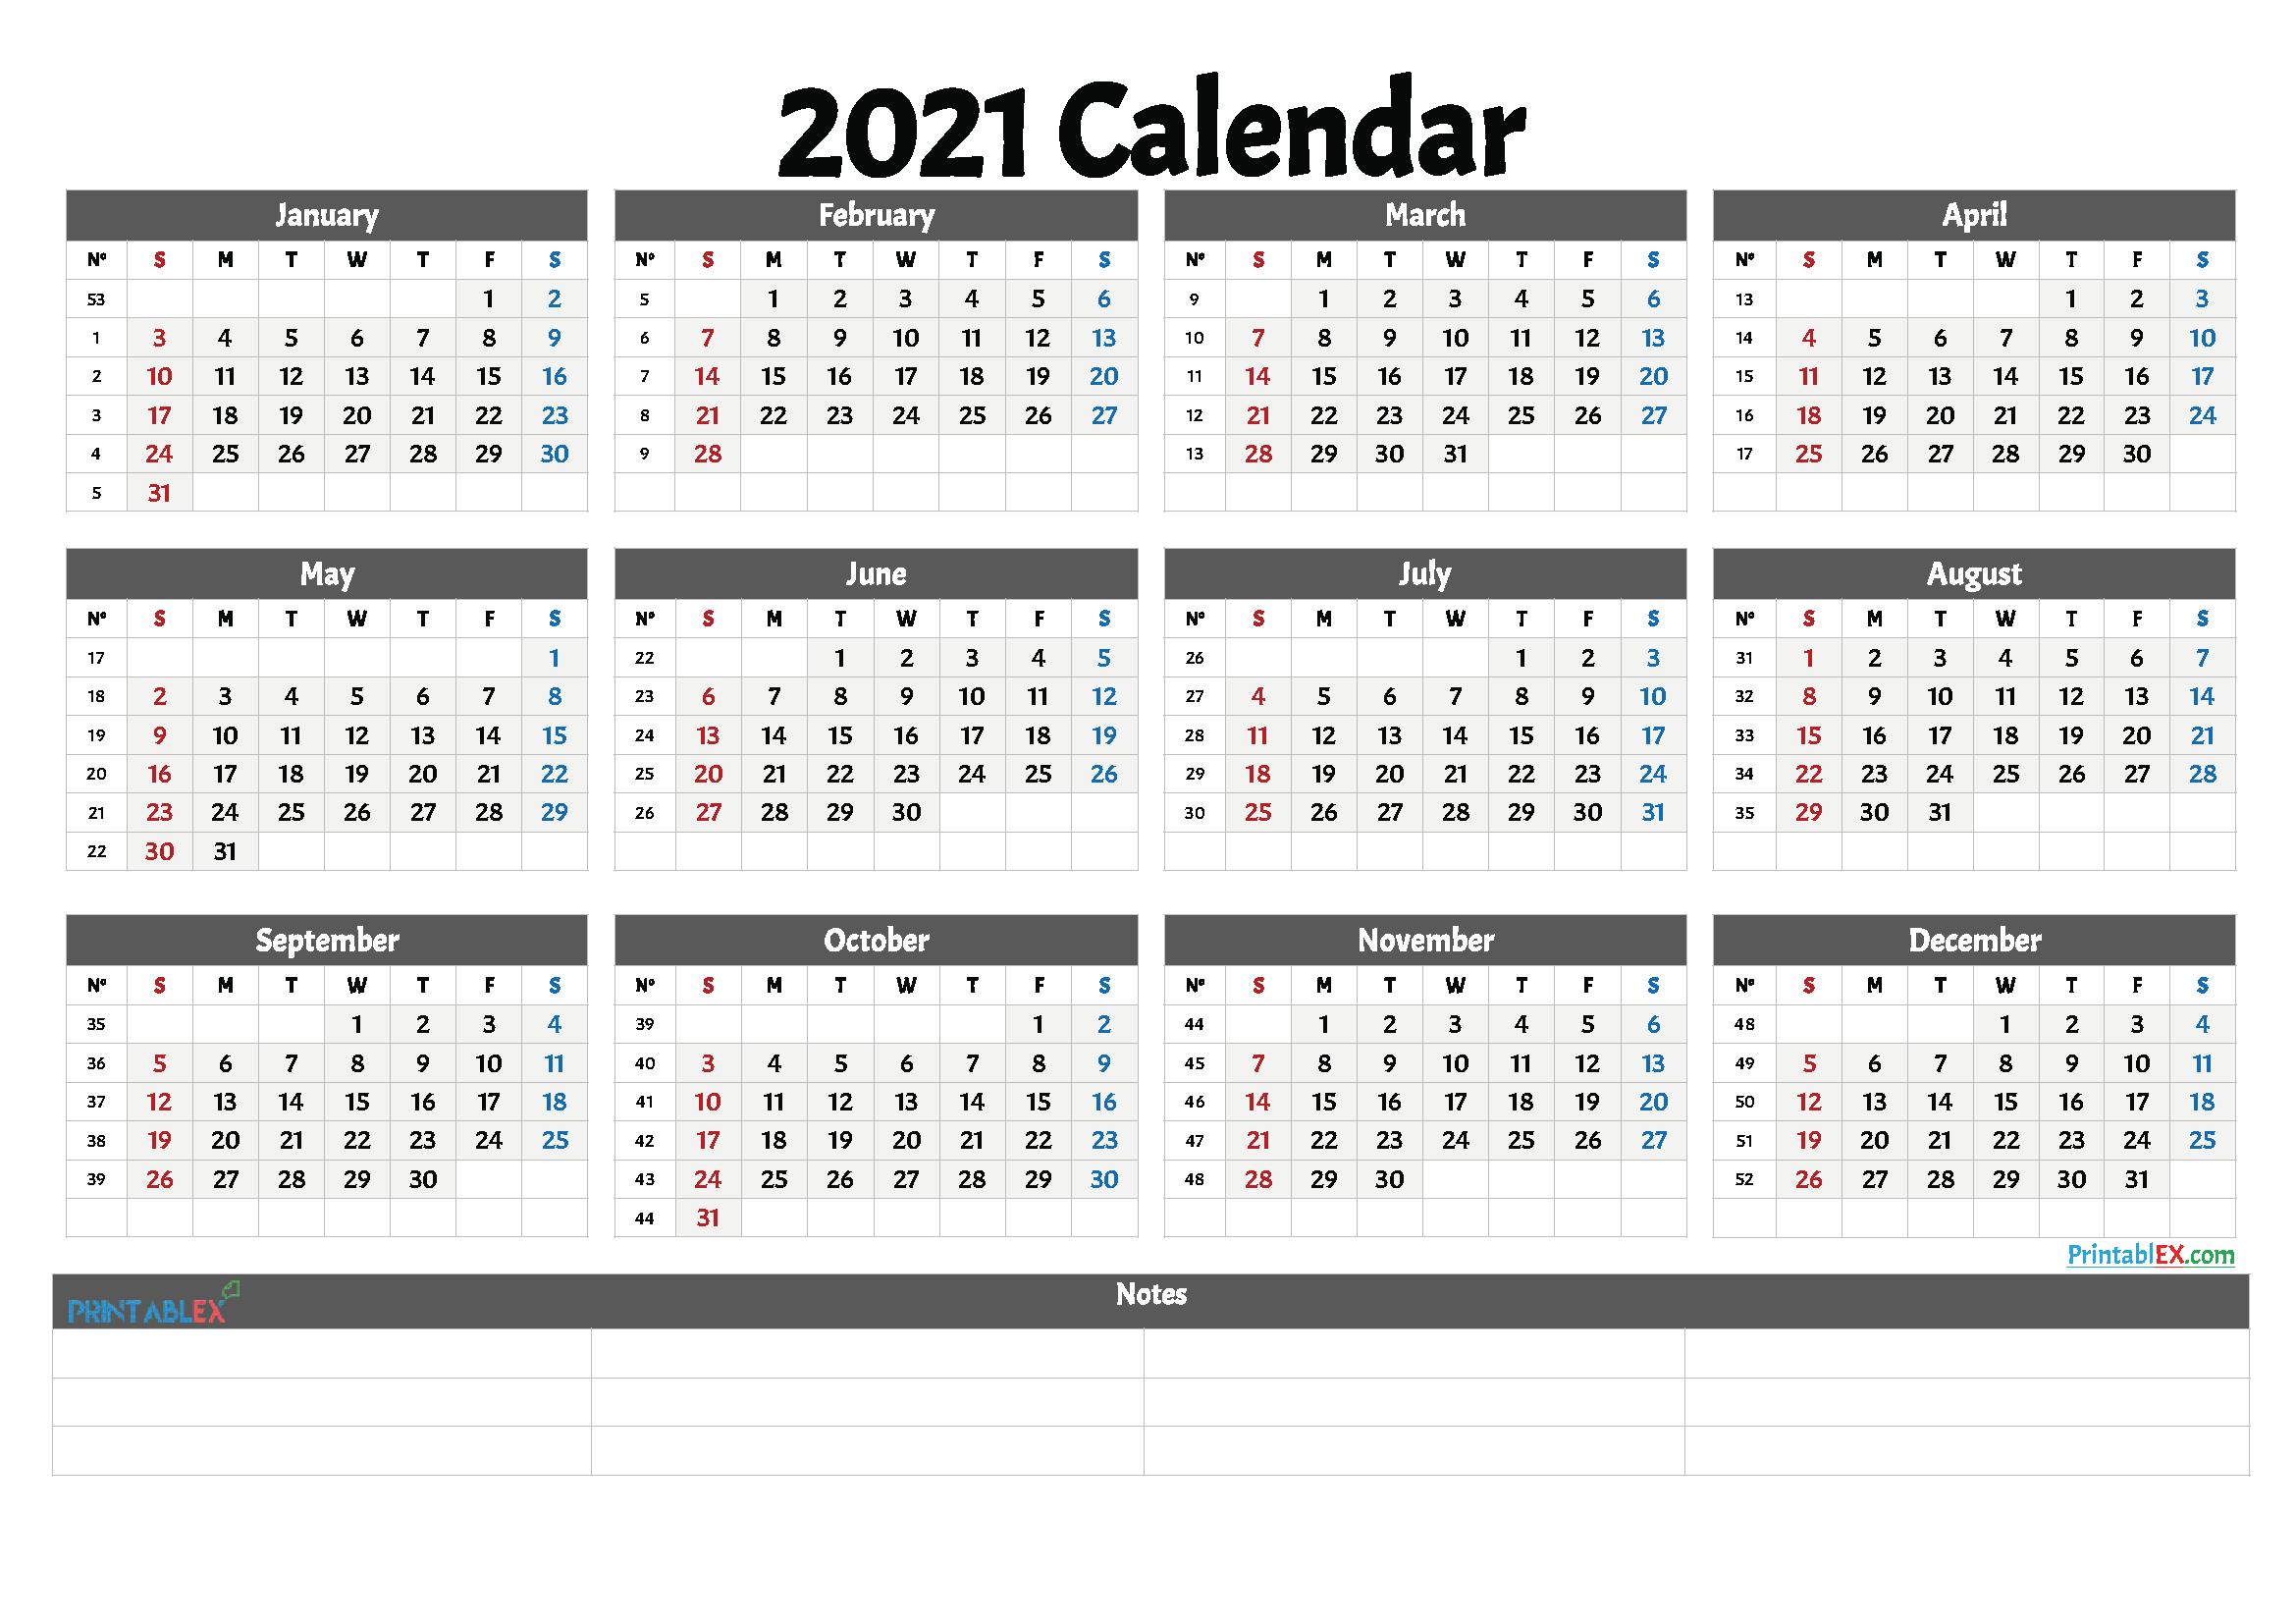 2021 Printable Calendar With Week Numbers   Free Printable  Free Printable 12 Month Calendar 2021